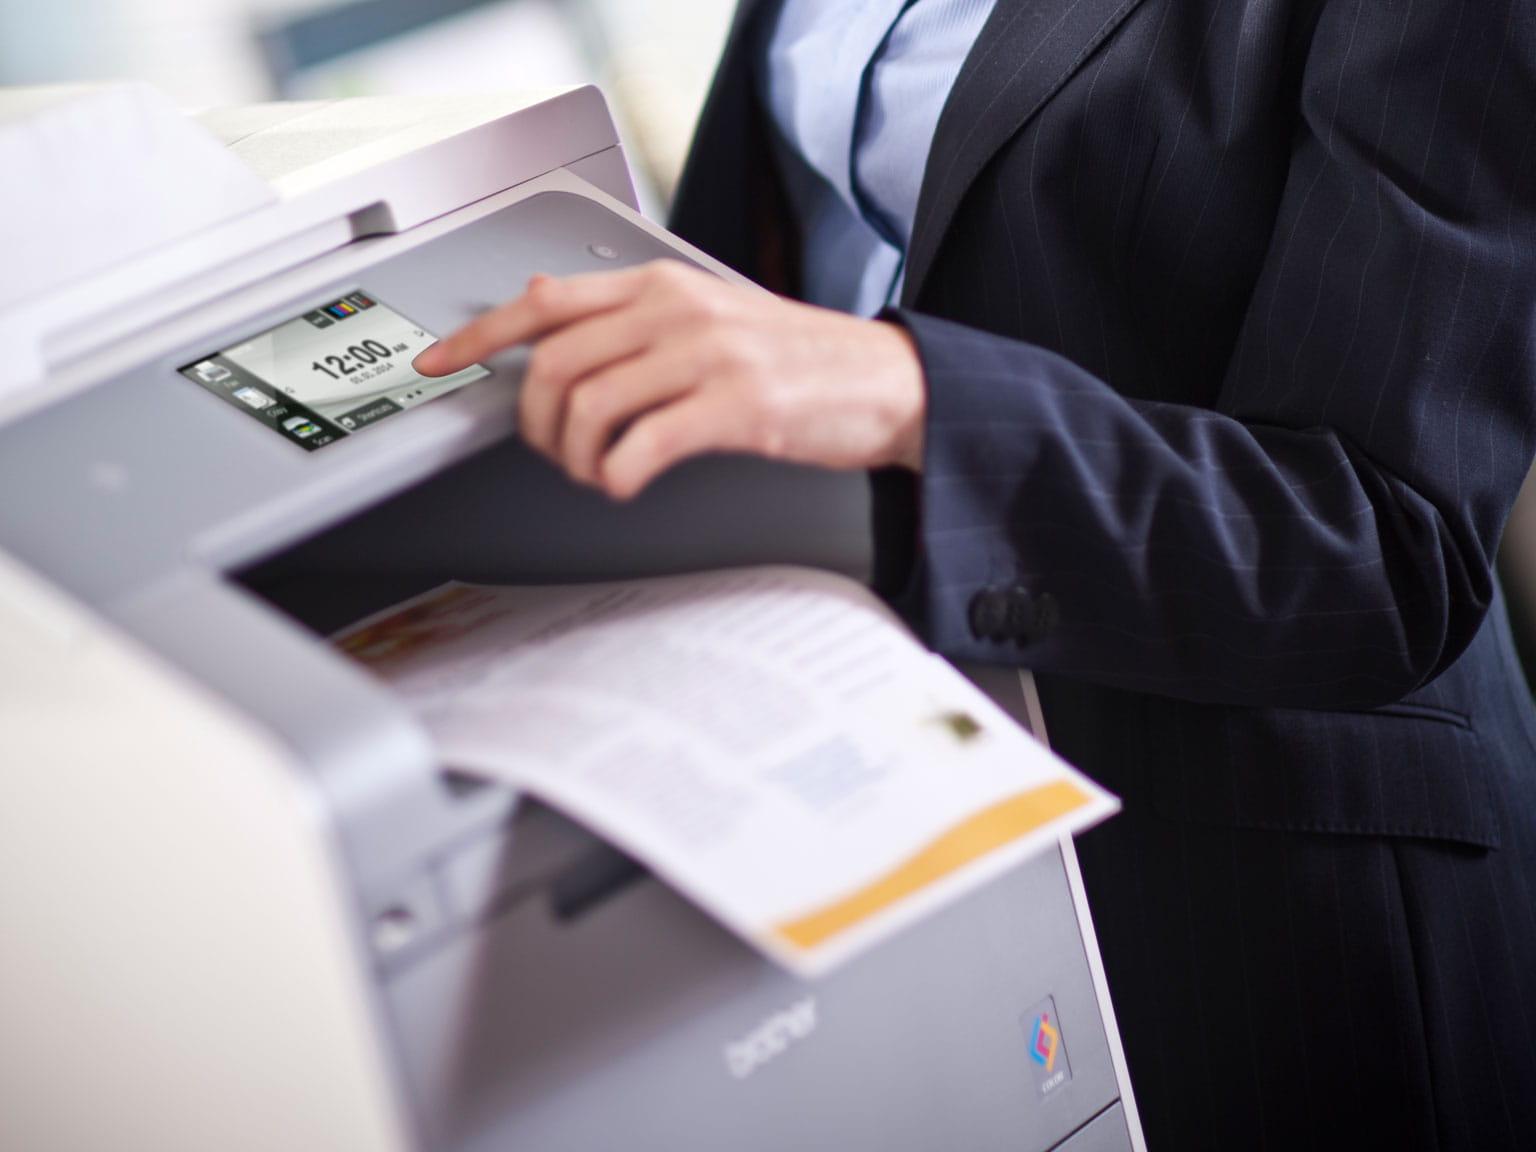 printsmart-biztonságizárolás-főoldal-biztonságimegoldások